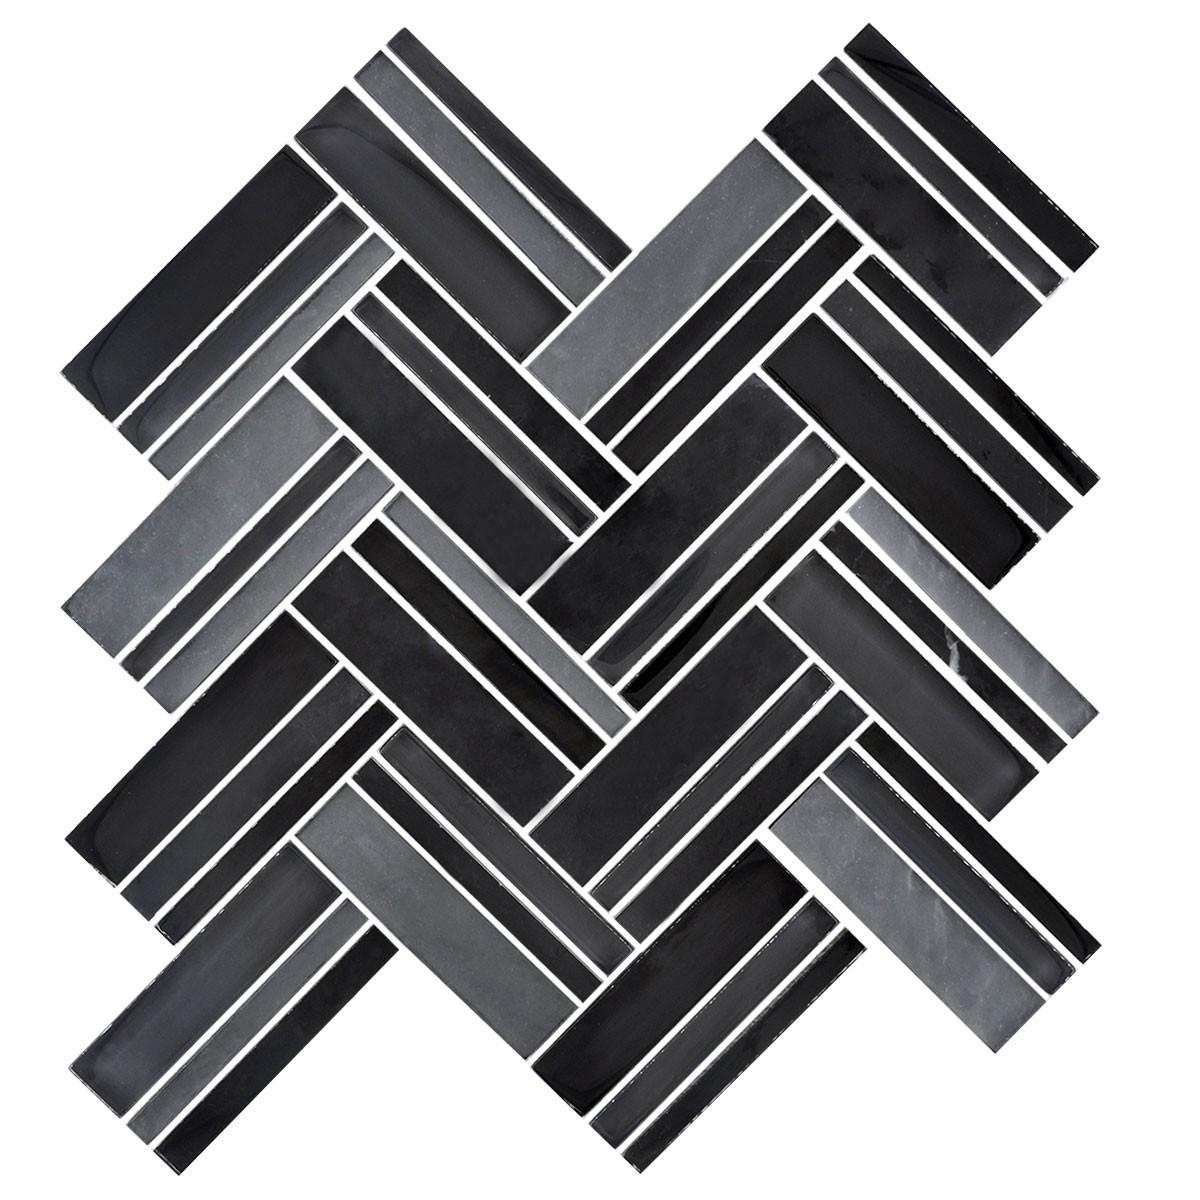 12 4 po x 13 8 po carreau mosa que de bande en m lange de. Black Bedroom Furniture Sets. Home Design Ideas